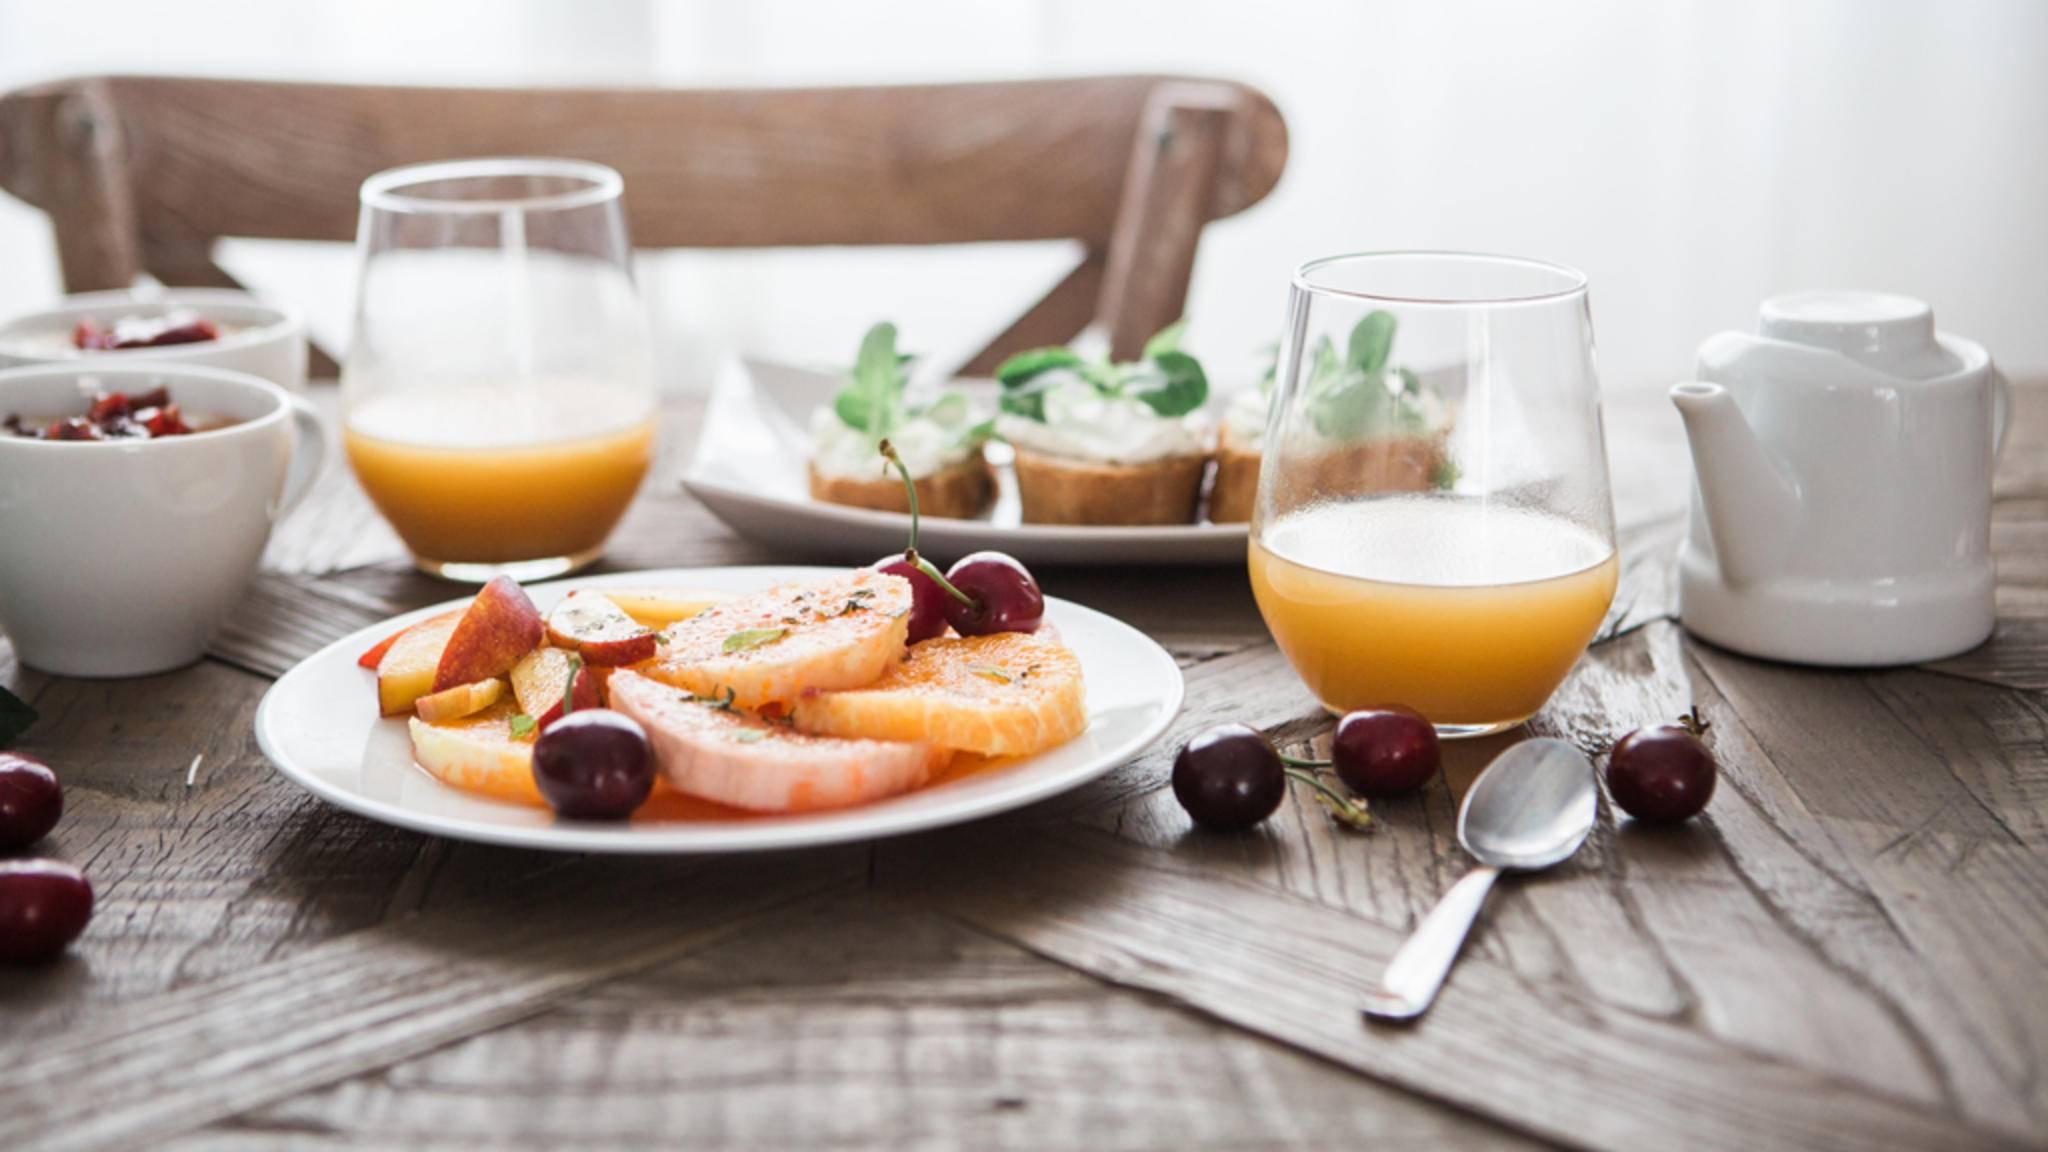 Mit praktischen Lifehacks können zum Frühstück wertvolle Minuten gespart werden.